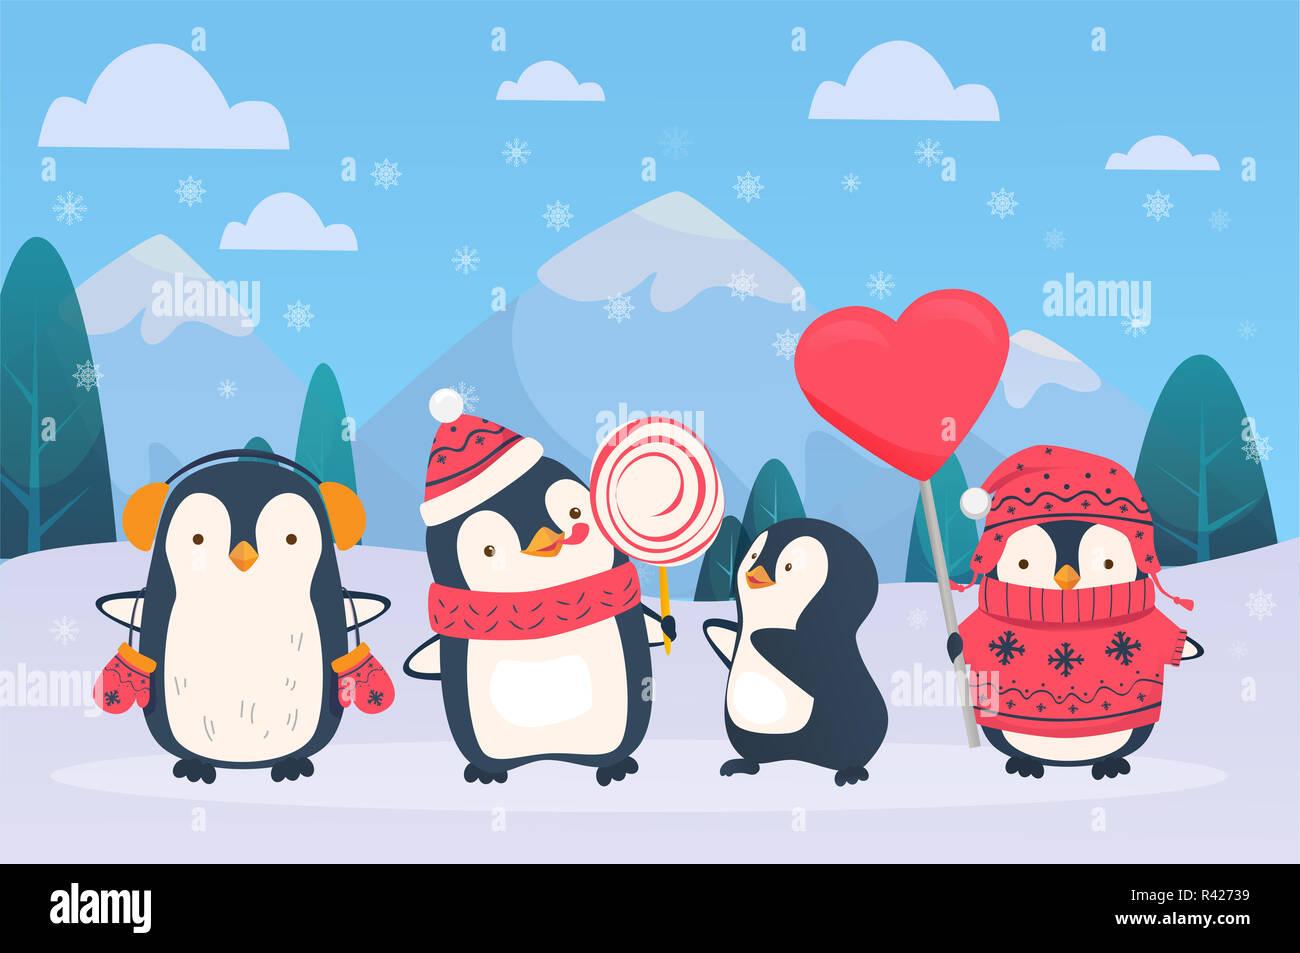 Los Pingüinos De Navidad Con Nieve De Fondo Cute Dibujos Animados